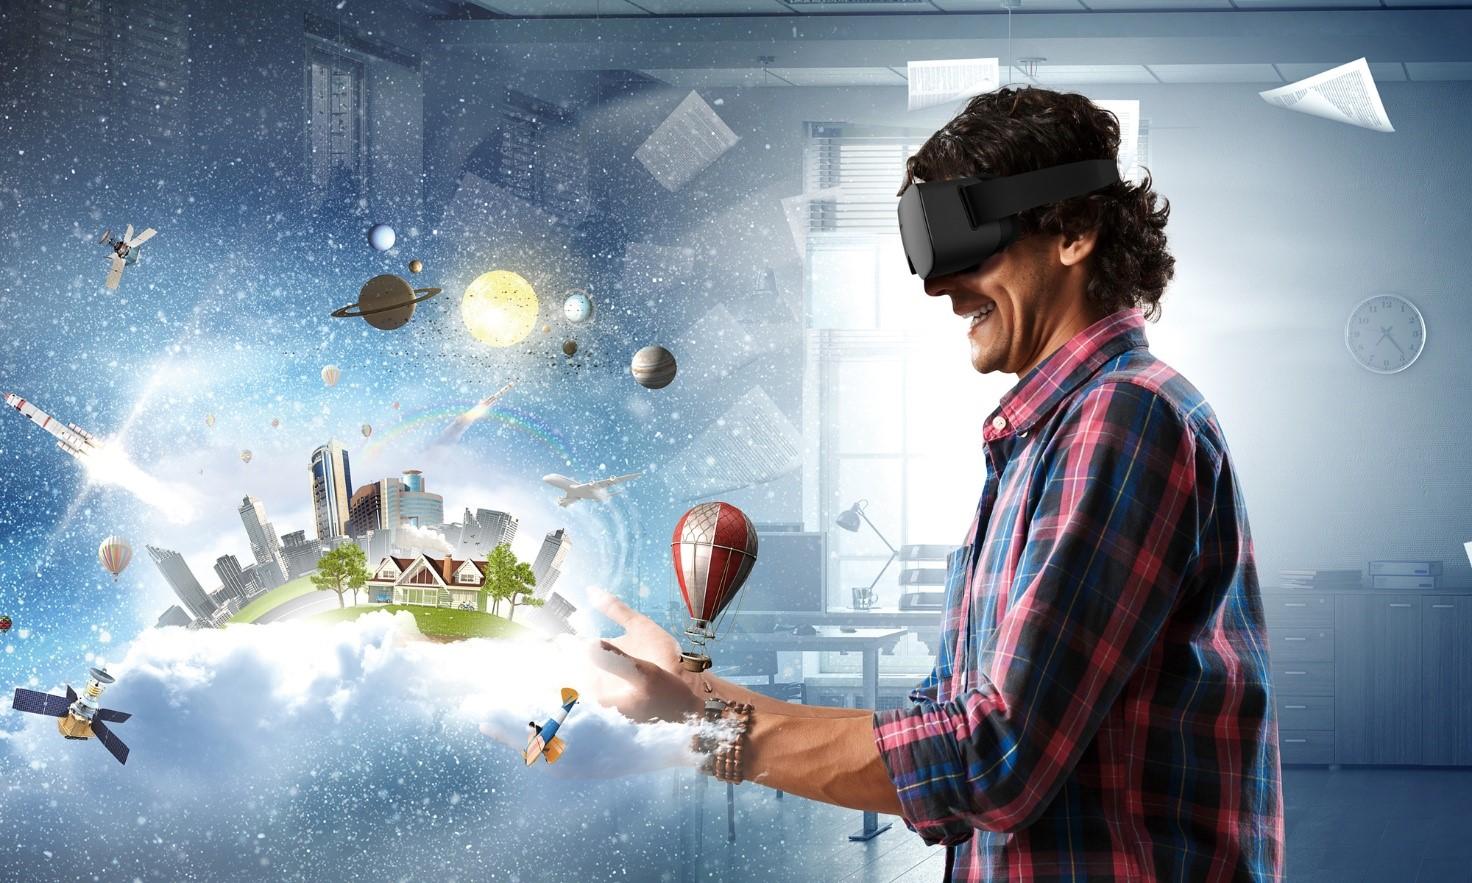 重量不到300g,歌尔联合Kopin发布最轻VR参考方案